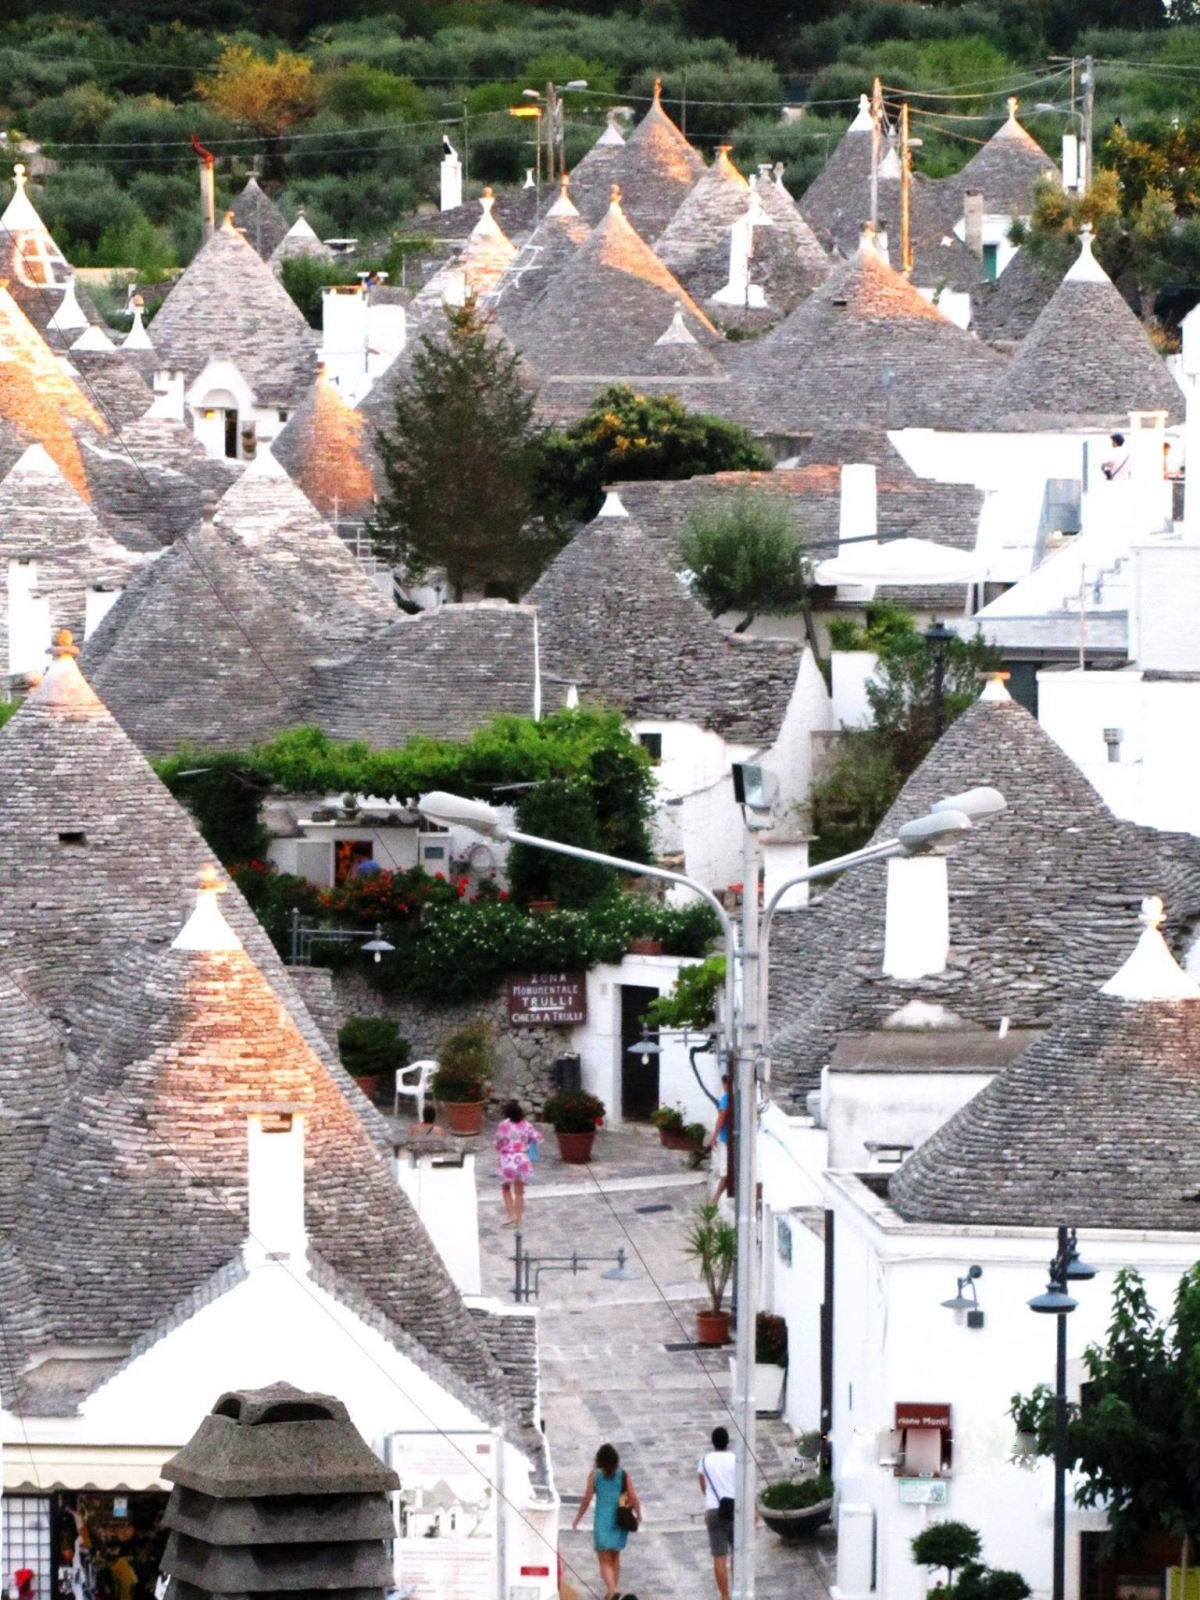 Albero nghĩa là rừng, cây; Bello nghĩa là đẹp. Alberobello nghĩa là rừng cây đẹp, vì xưa kia nơi này được bao phủ bởi rừng sồi cổ. Từ nửa cuối thế kỷ 16, ngôi làng Alberobello thuộc tỉnh Bari là vùng đất phong hầu dưới quyền kiểm soát của gia tộc lãnh chúa phong kiến Acquaviva. Bá tước Conversano của gia tộc này đã đưa những người nông dân đến ngọn đồi phủ đầy cây sồi cổ để khai phá đất cho việc trồng trọt. Sang thế kỷ 17, người kế vị ông là bá tước Giangirolamo II dựng một quán trọ, nhà thờ và bắt đầu quá trình đô thị hoá khu rừng. Nhằm lách luật thuế, bá tước cho phép các tá điền dựng các nhà cư trú khô ráo bằng đá, không trét vôi vữa, để có thể tháo gỡ nhanh khi có thanh tra, vì theo chỉ dụ của nhà vua thì nhà ở cố định phải nộp thuế. Những ngôi nhà đặc biệt này được gọi là Trullo.